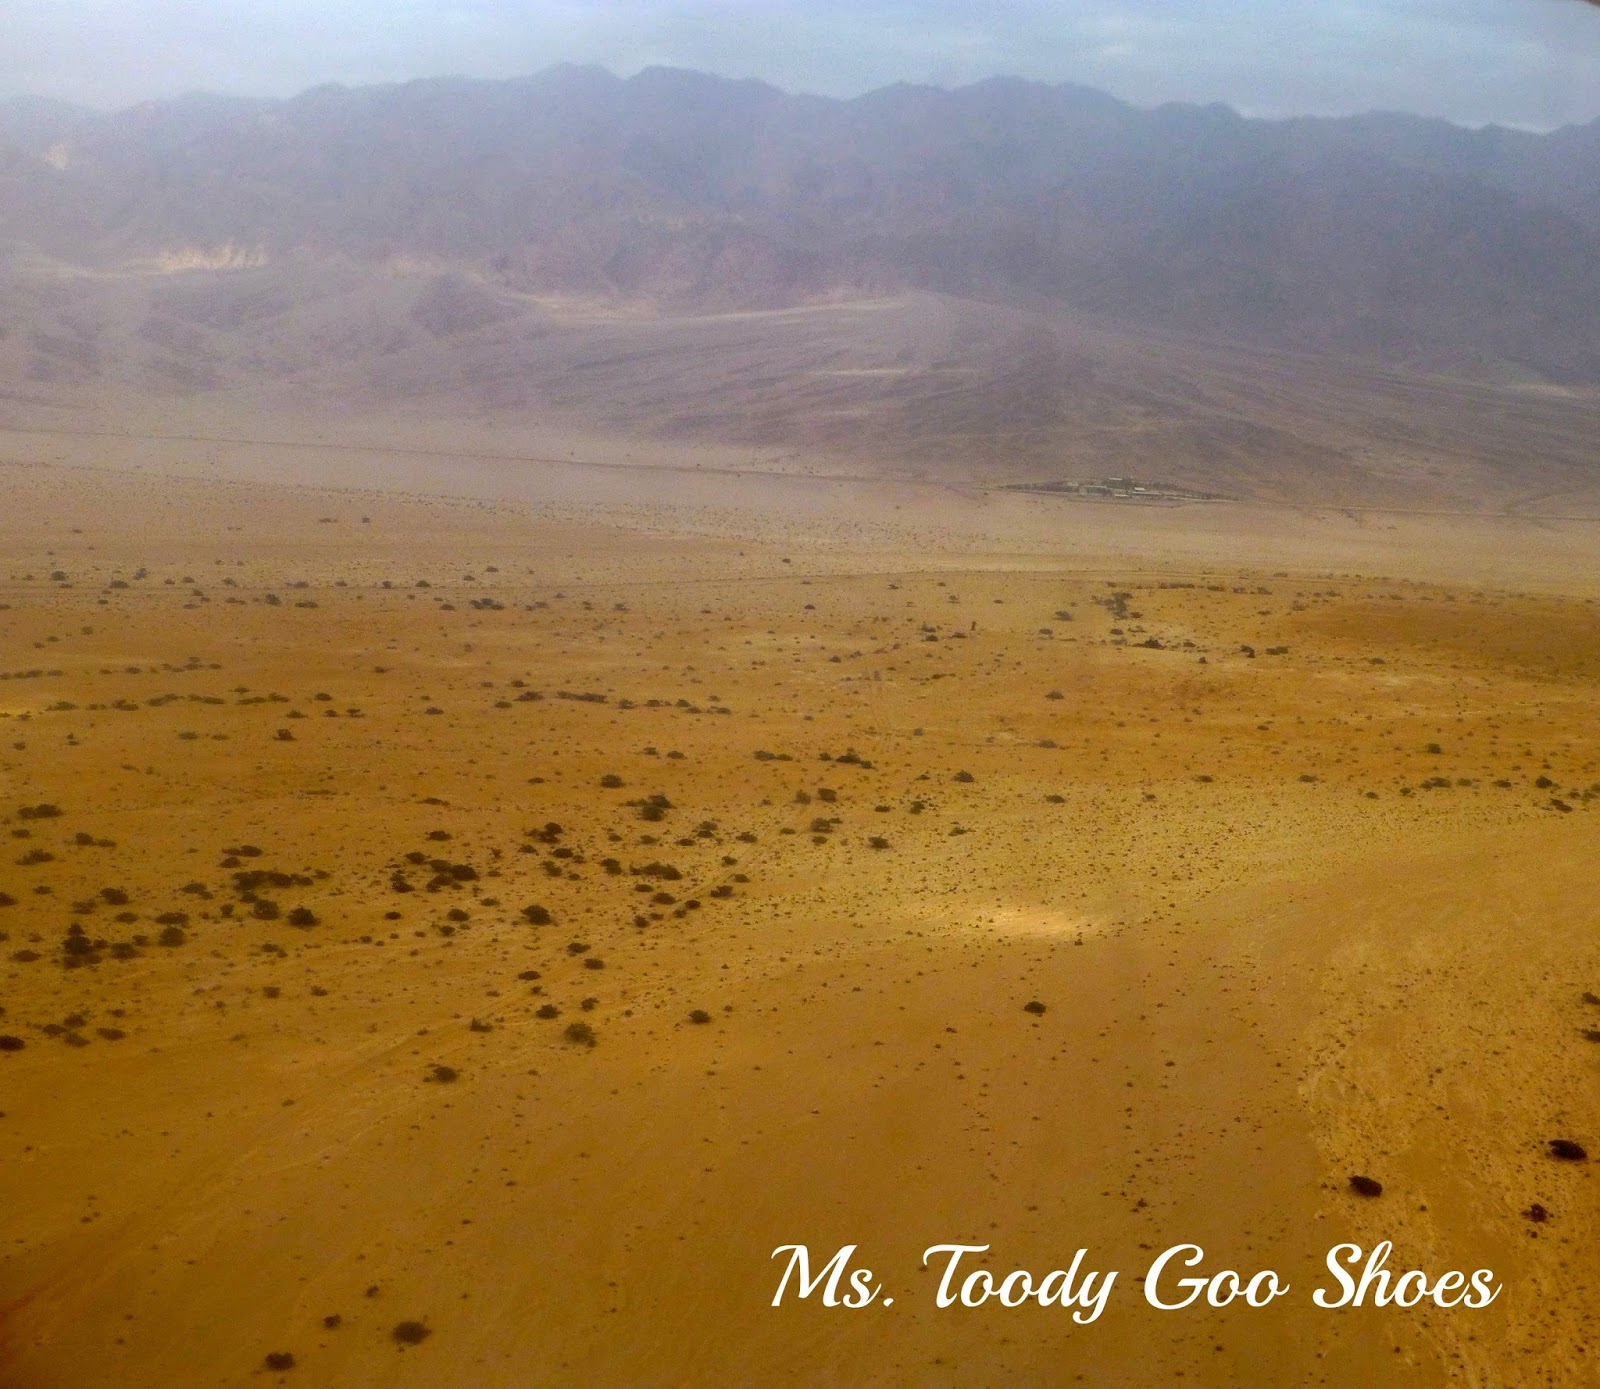 Wadi Rum Desert, Jordan --- Ms. Toody Goo Shoes